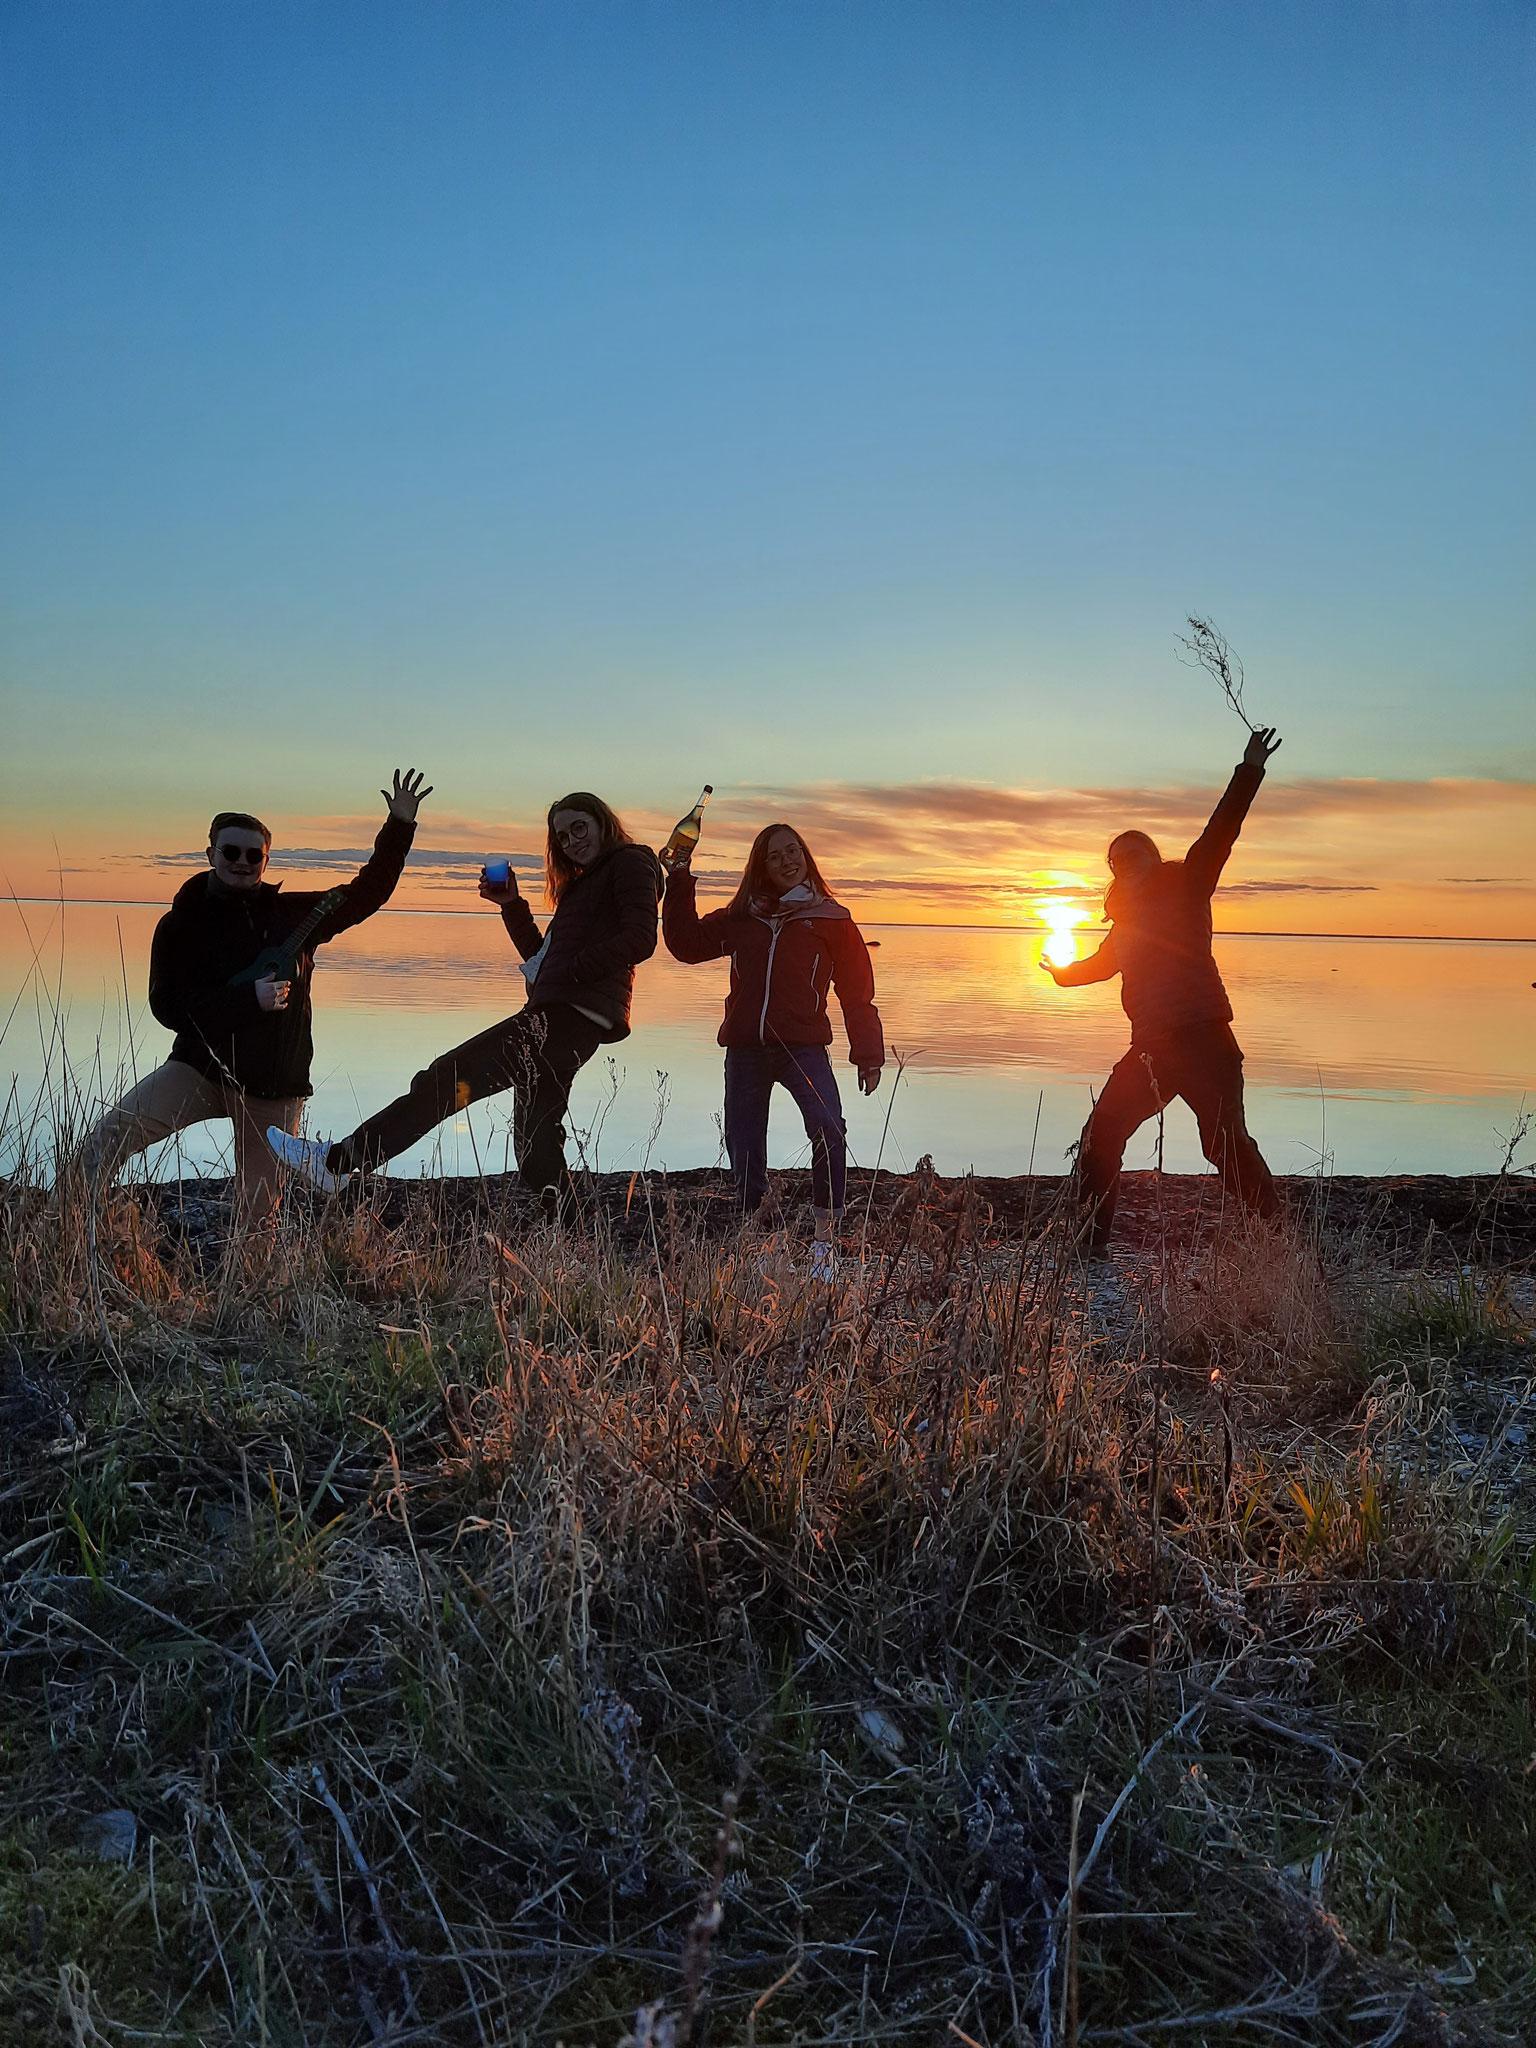 v.l.: Konrad, Clarita, Hannah und Sonja bei Sonnenuntergang